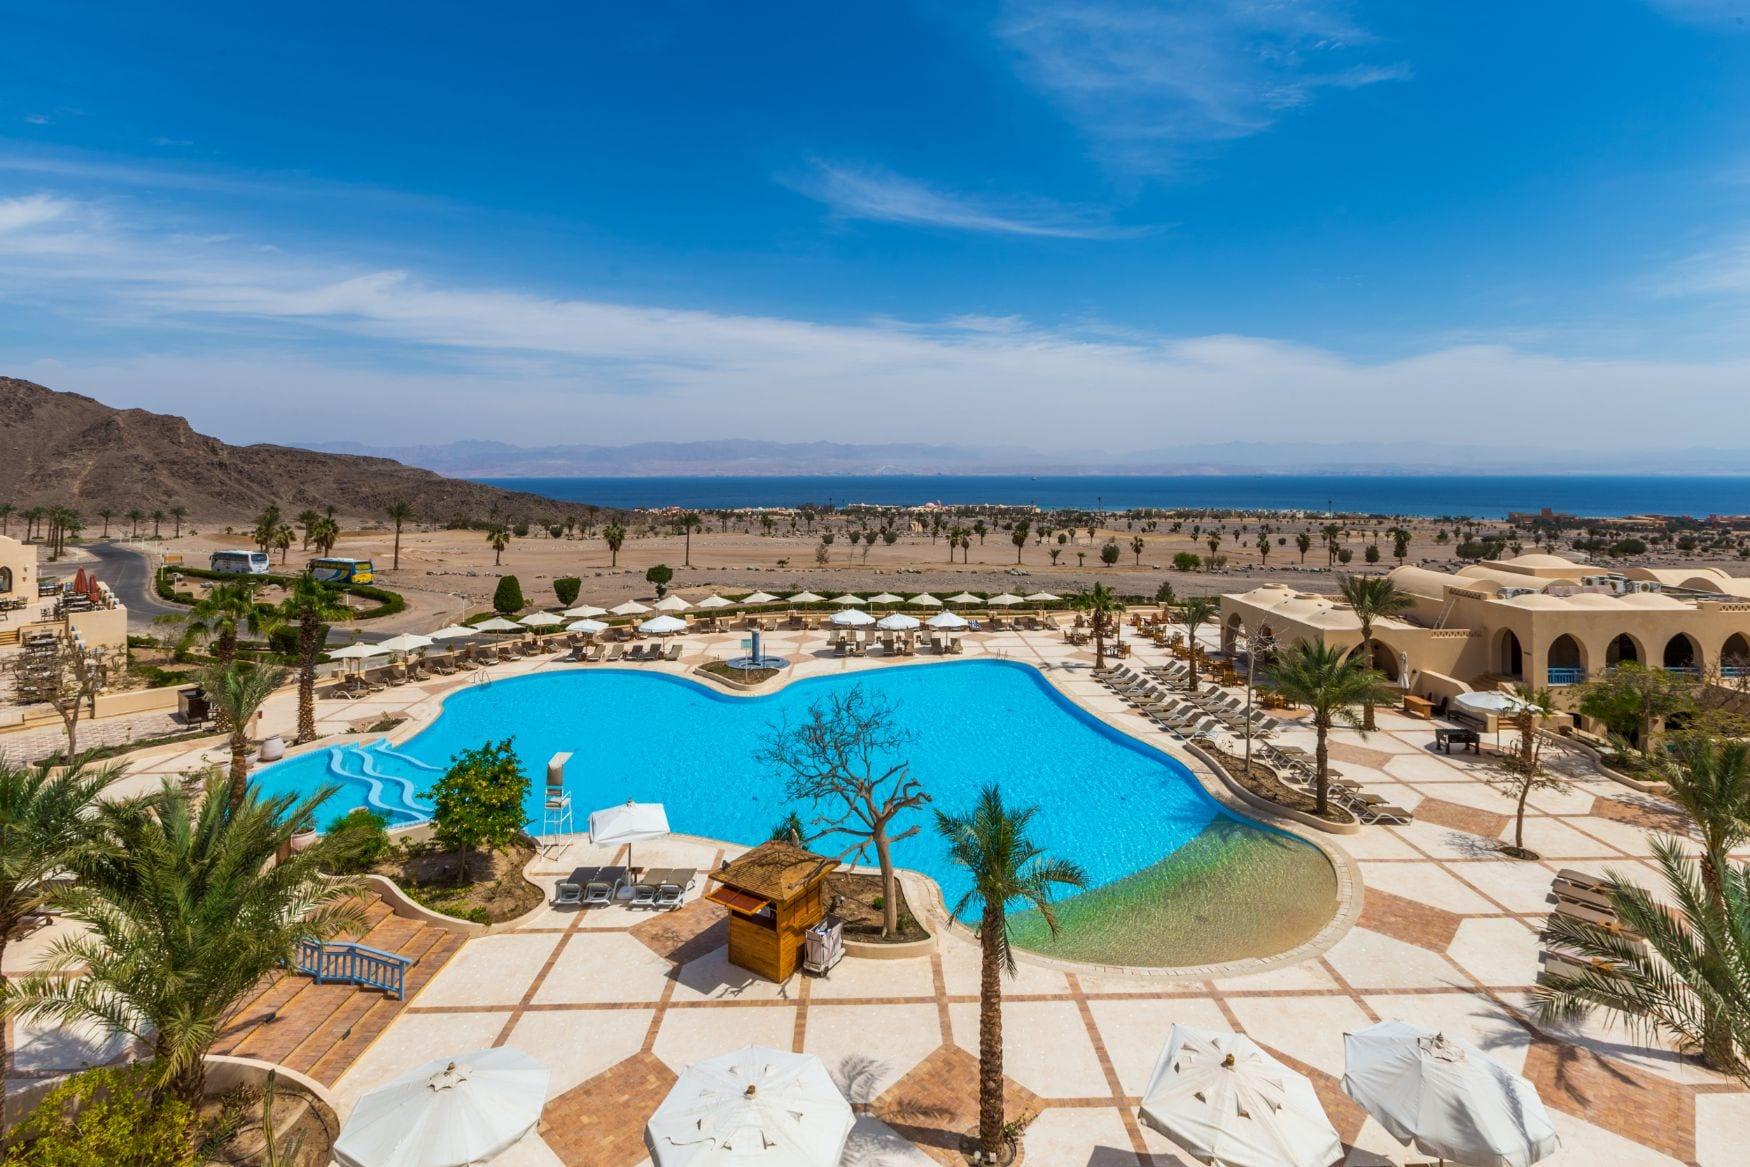 Hotel El Wekala Resort